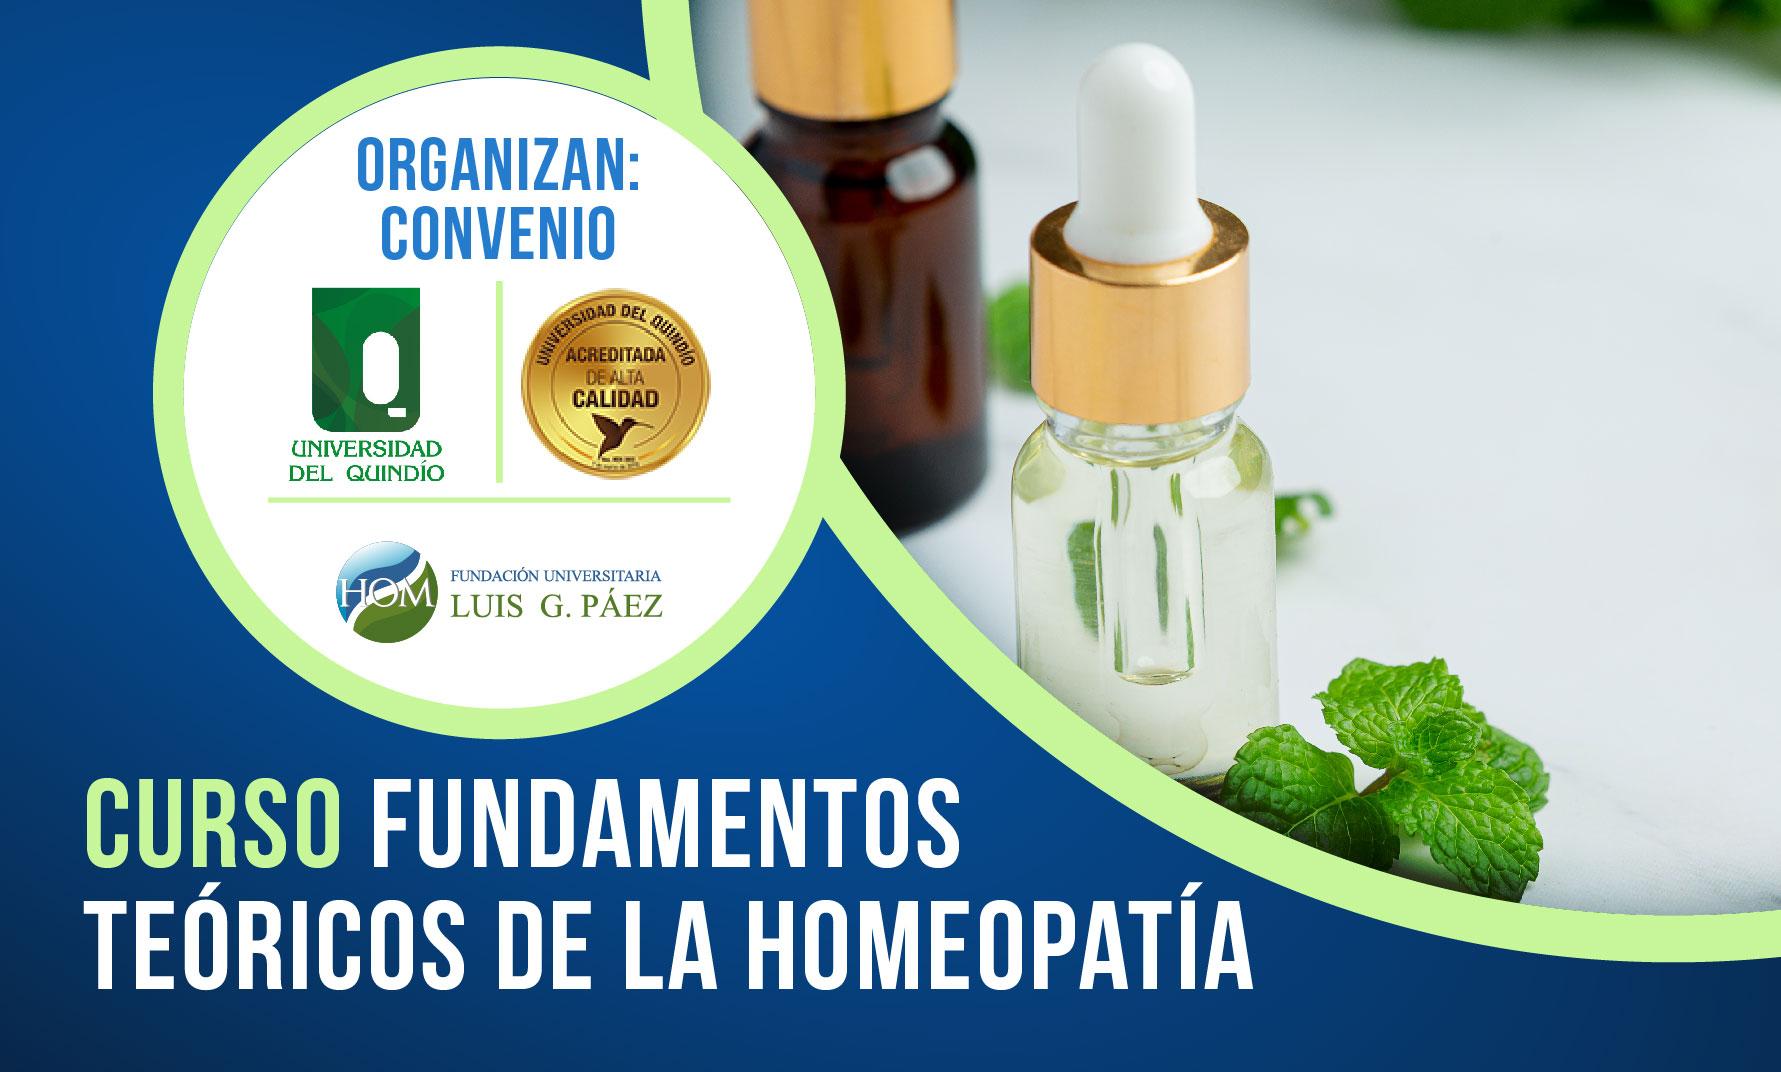 Curso Fundamentos Teóricos de la Homeopatía